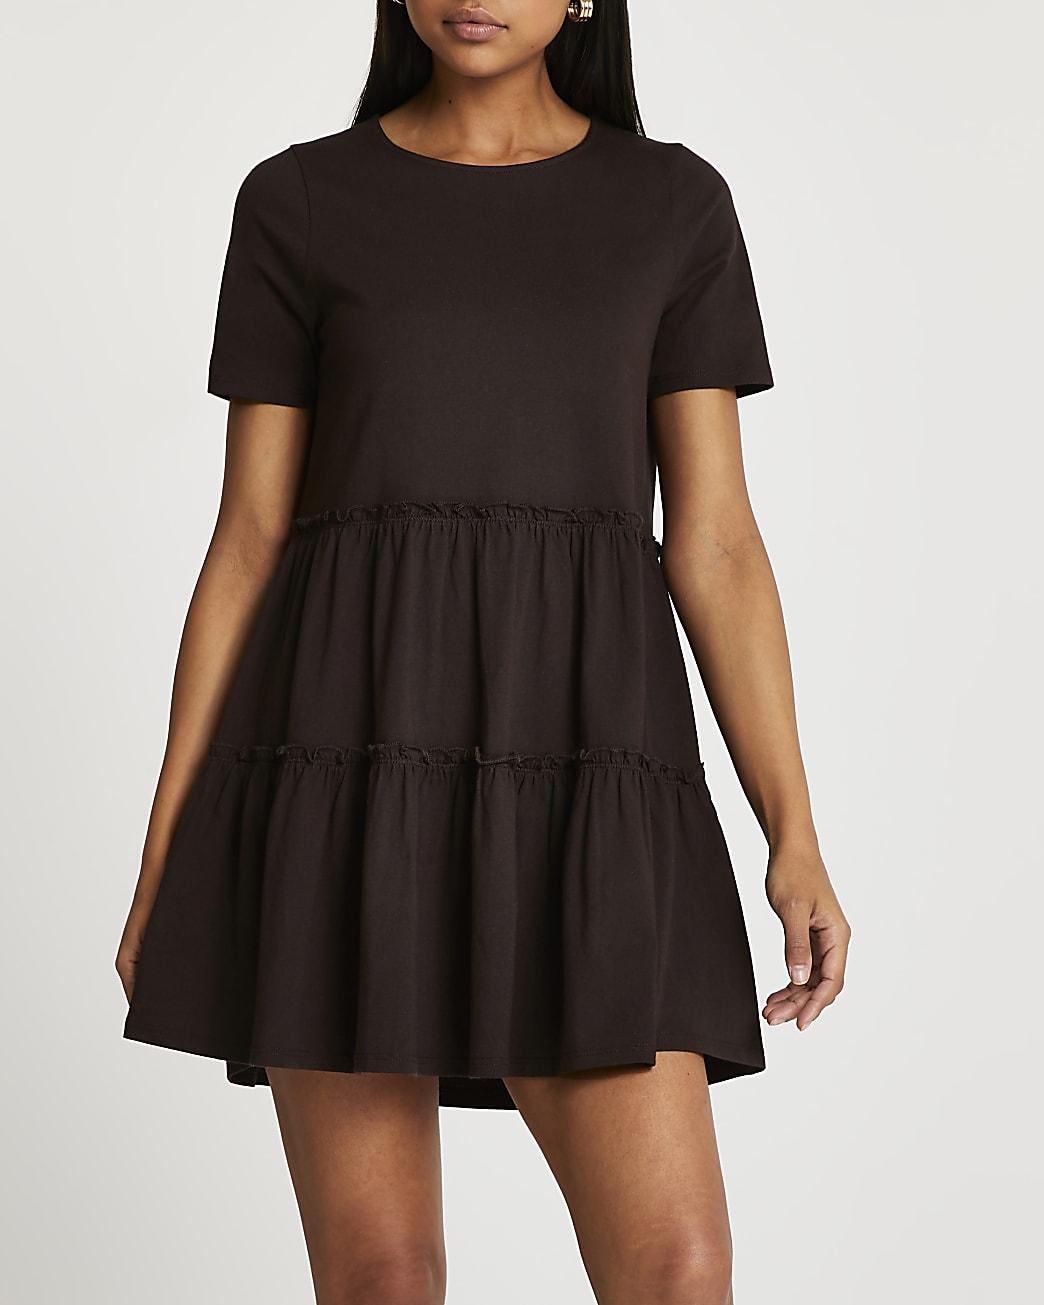 Brown frill detail t-shirt mini smock dress